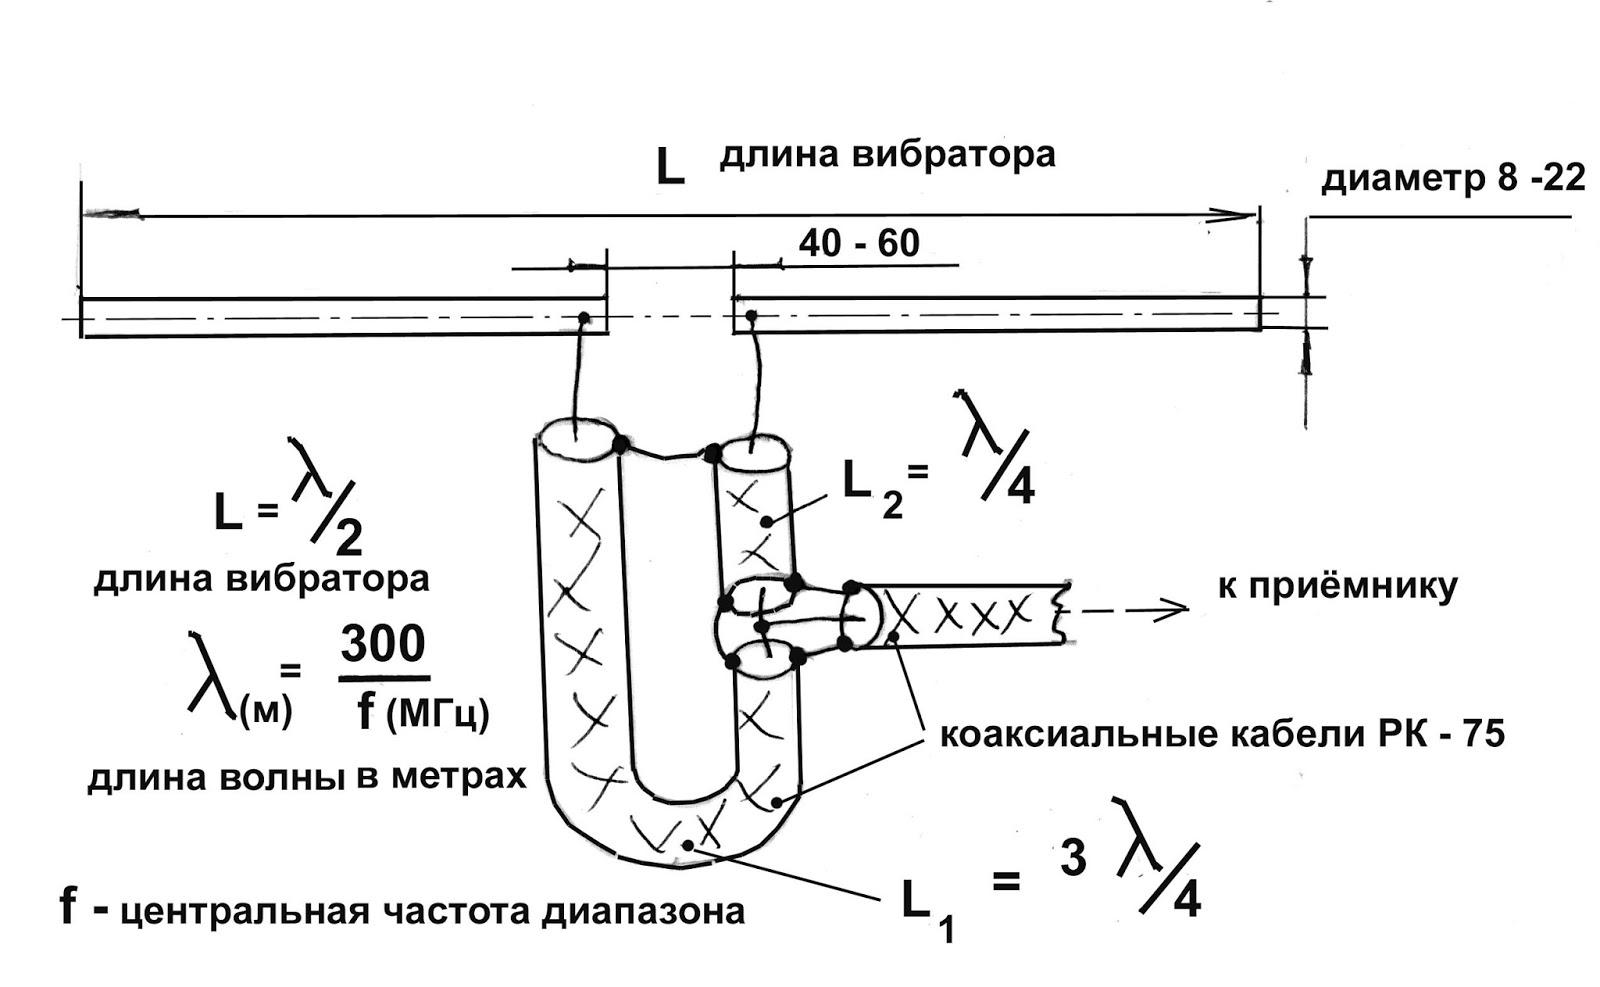 Как сделать антенну к фм радио